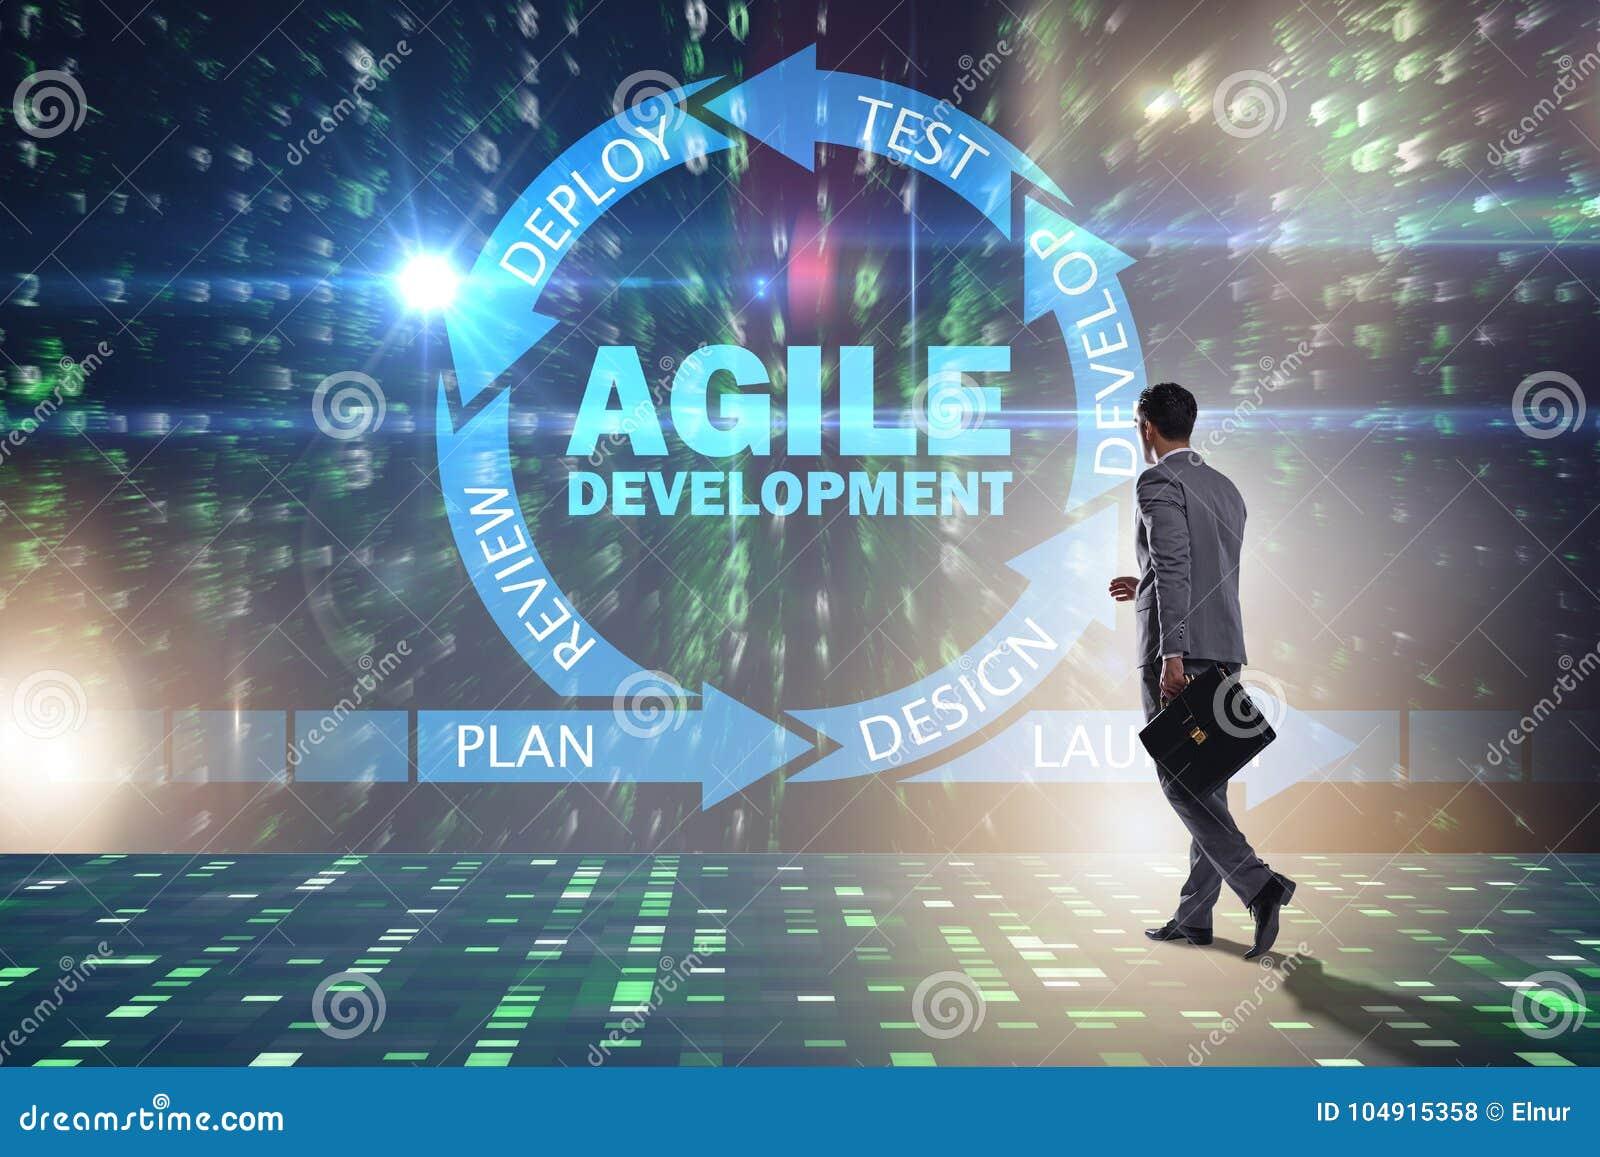 Il concetto di sviluppo di software agile